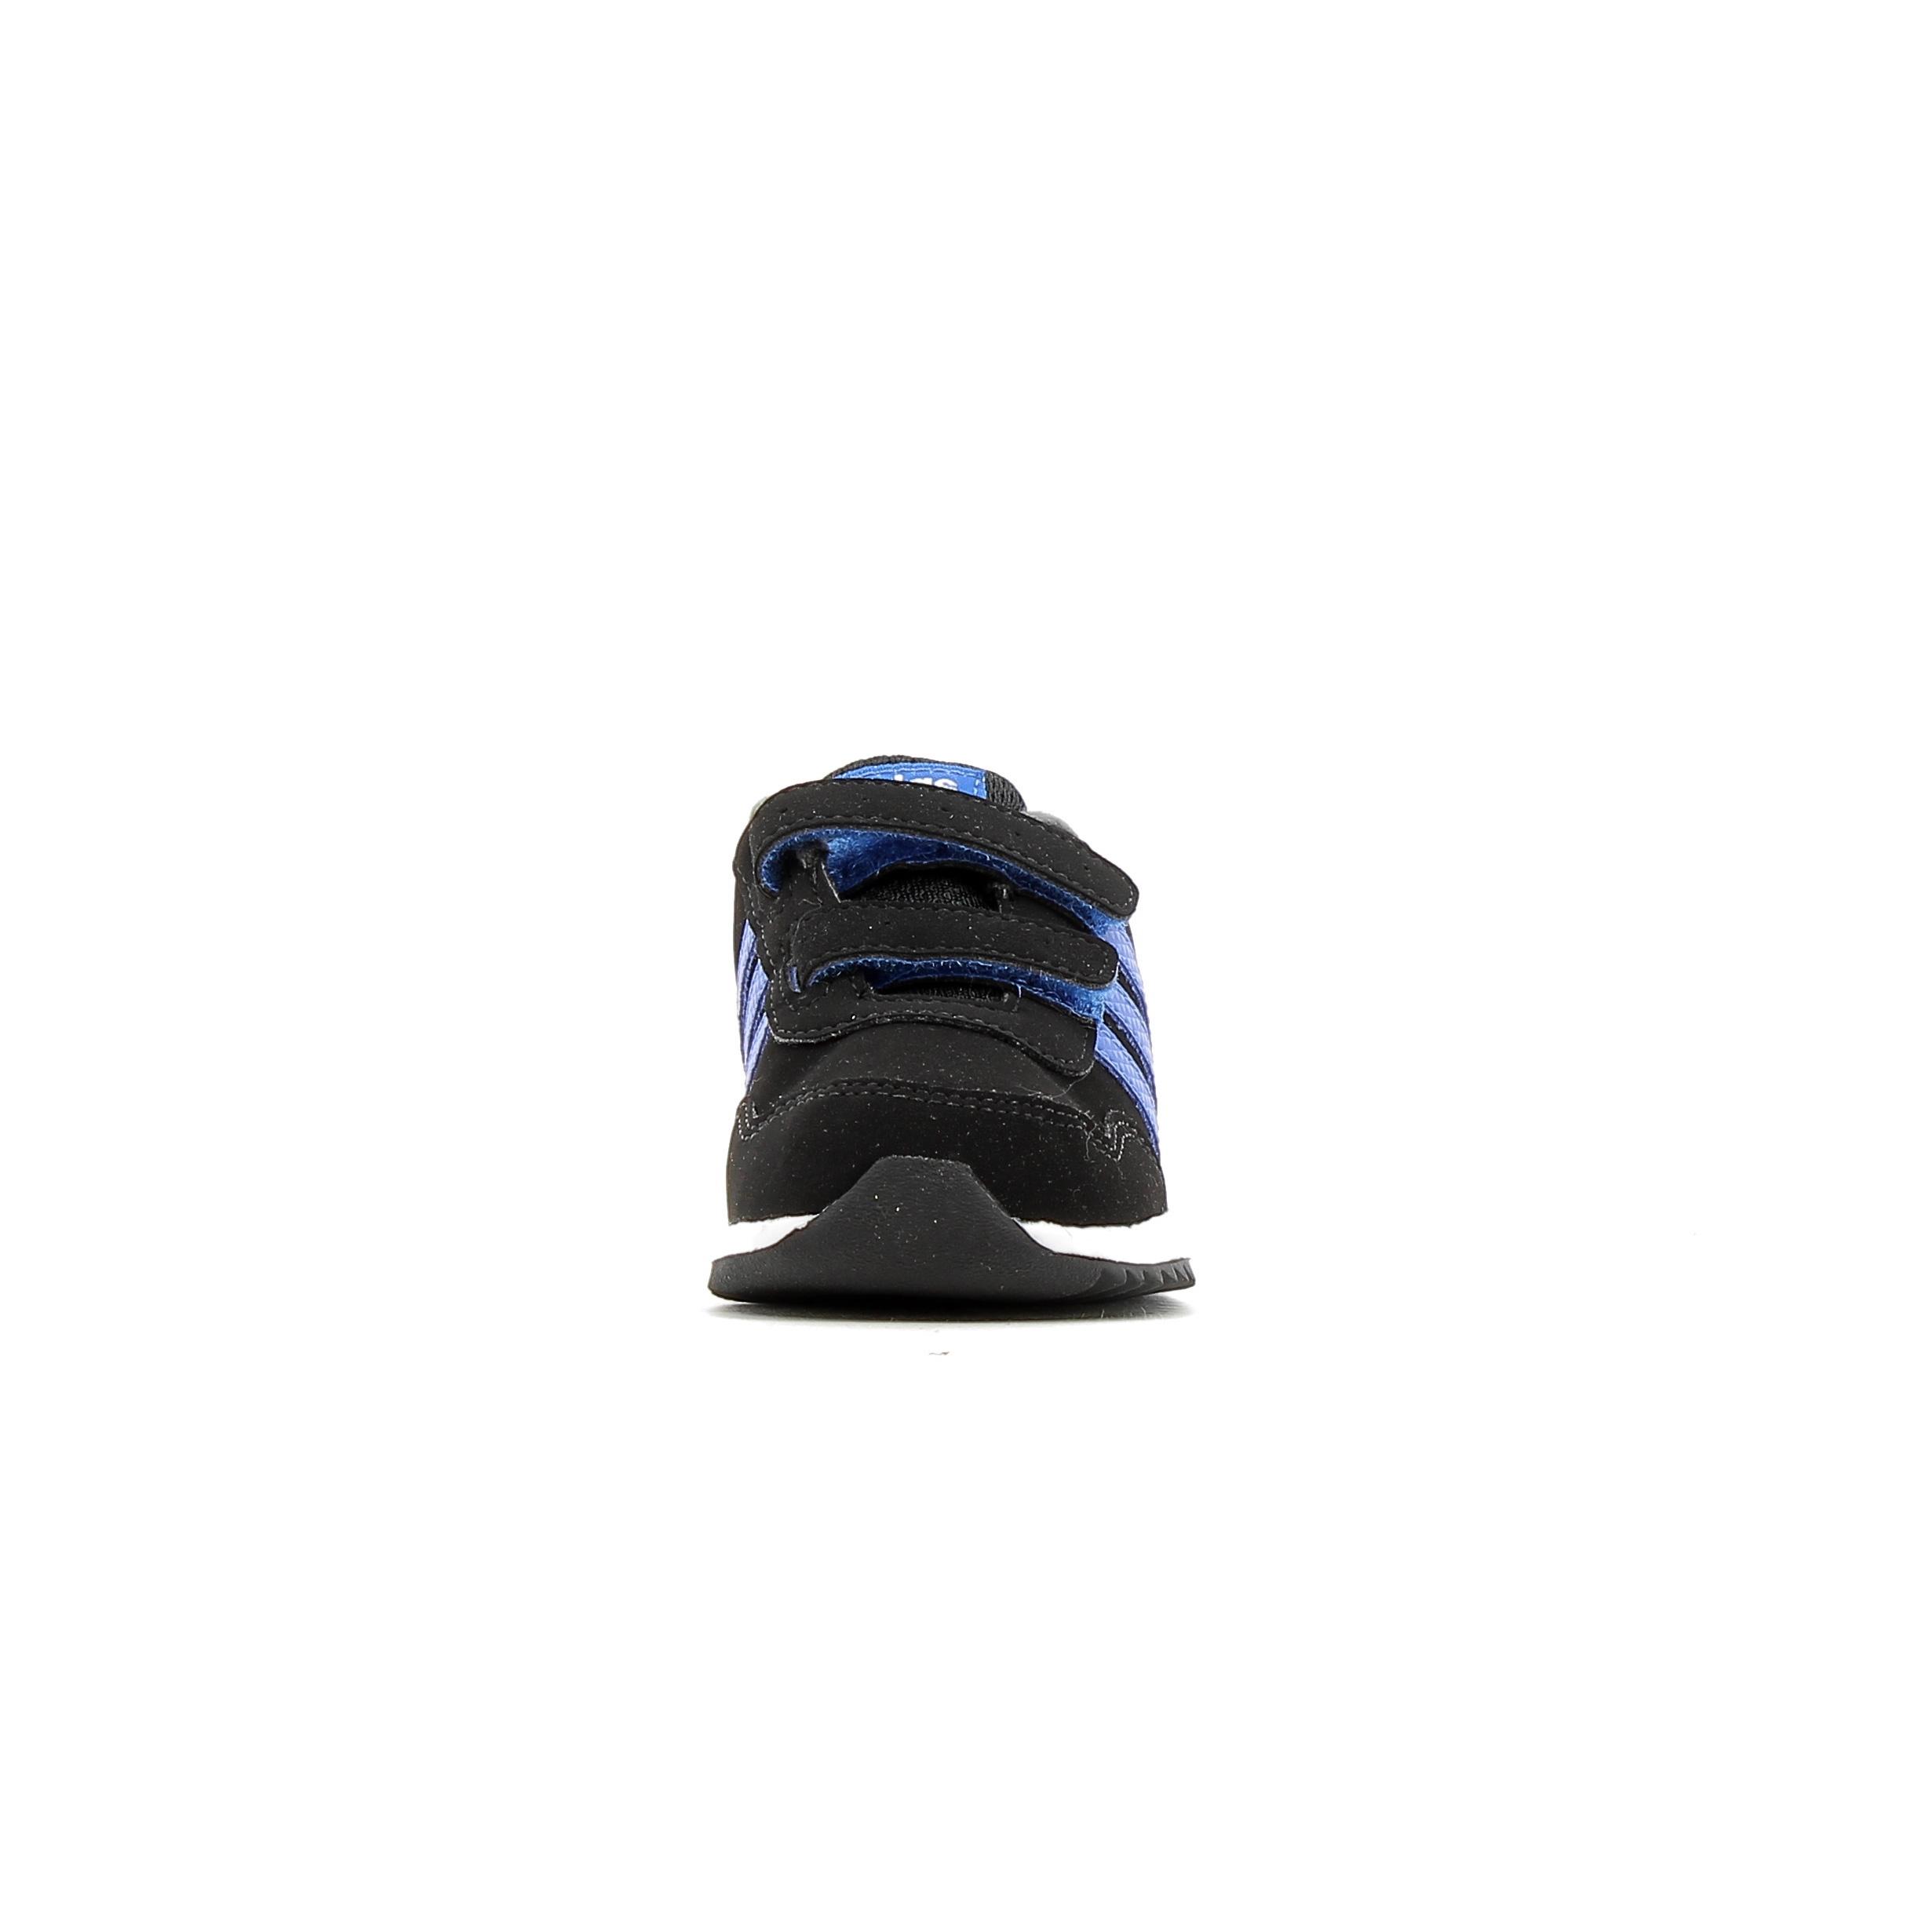 adidas neo v jog cmf inf runner